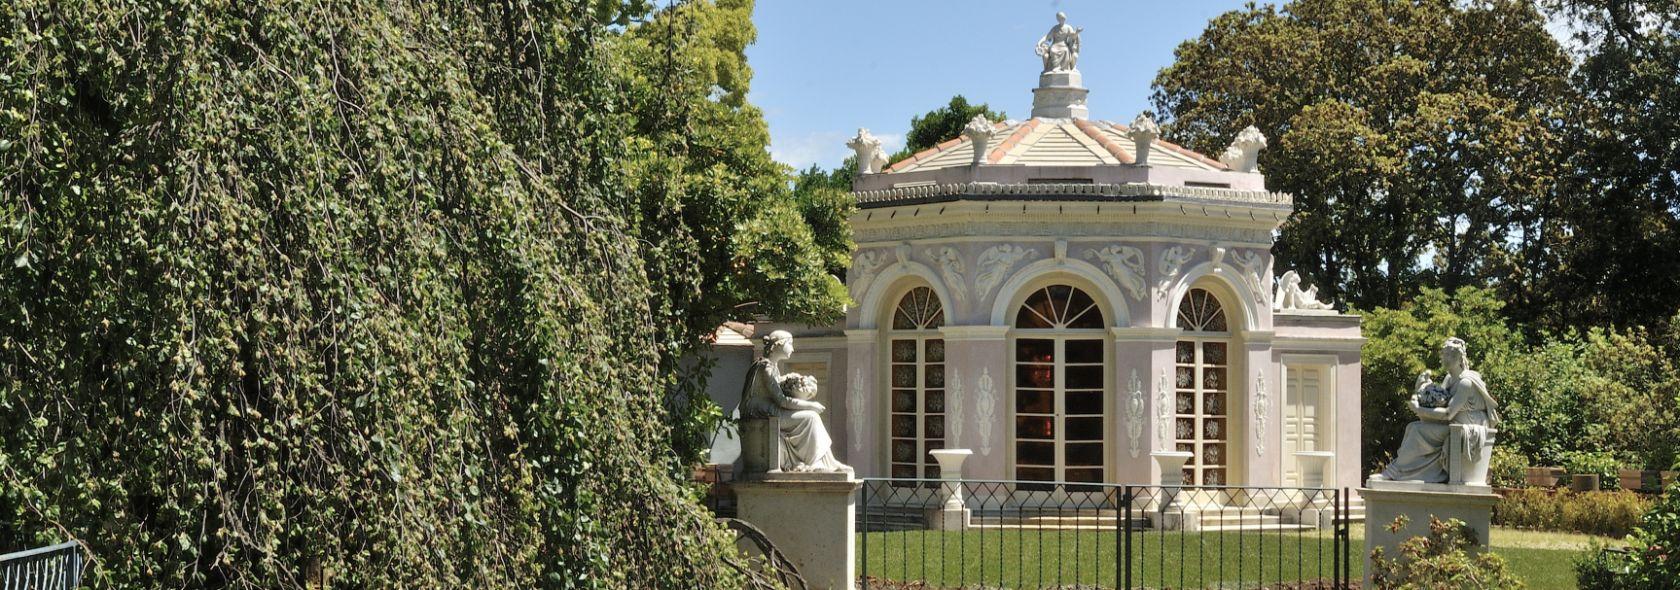 Villa Durazzo Pallavicini: Tempio di Flora 2